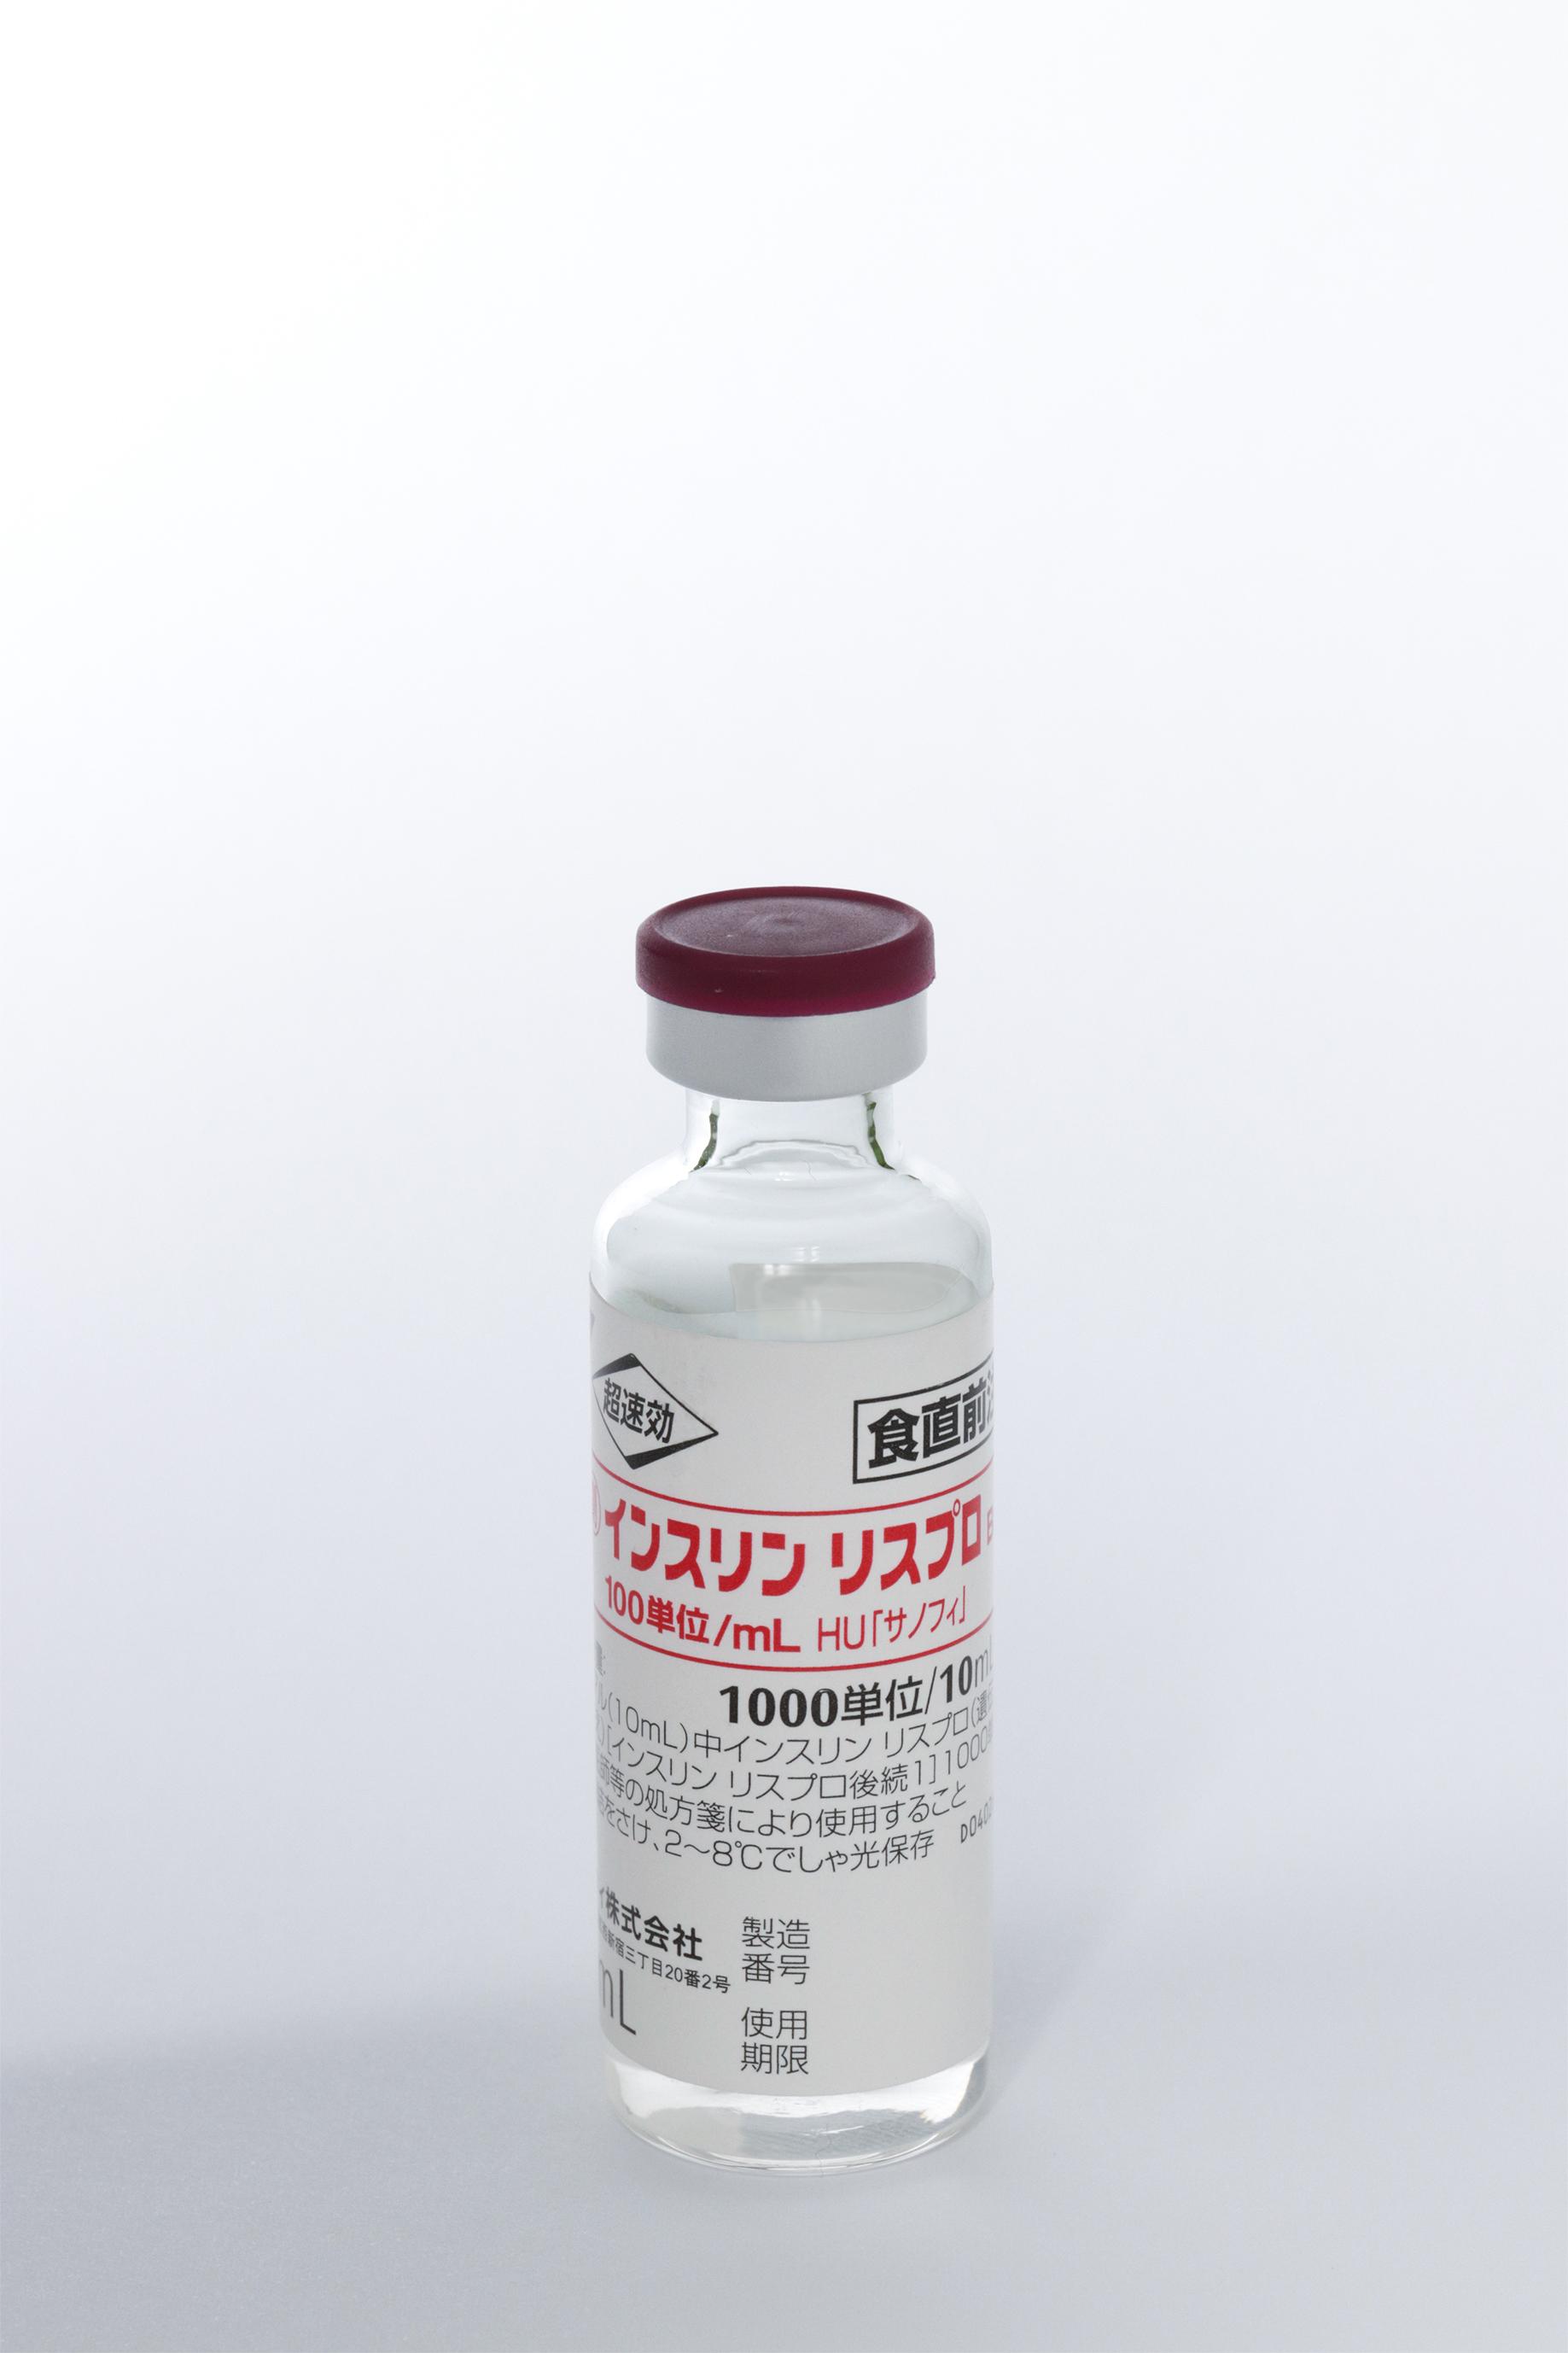 インスリン リスプロBS注100単位/mL HU「サノフィ」